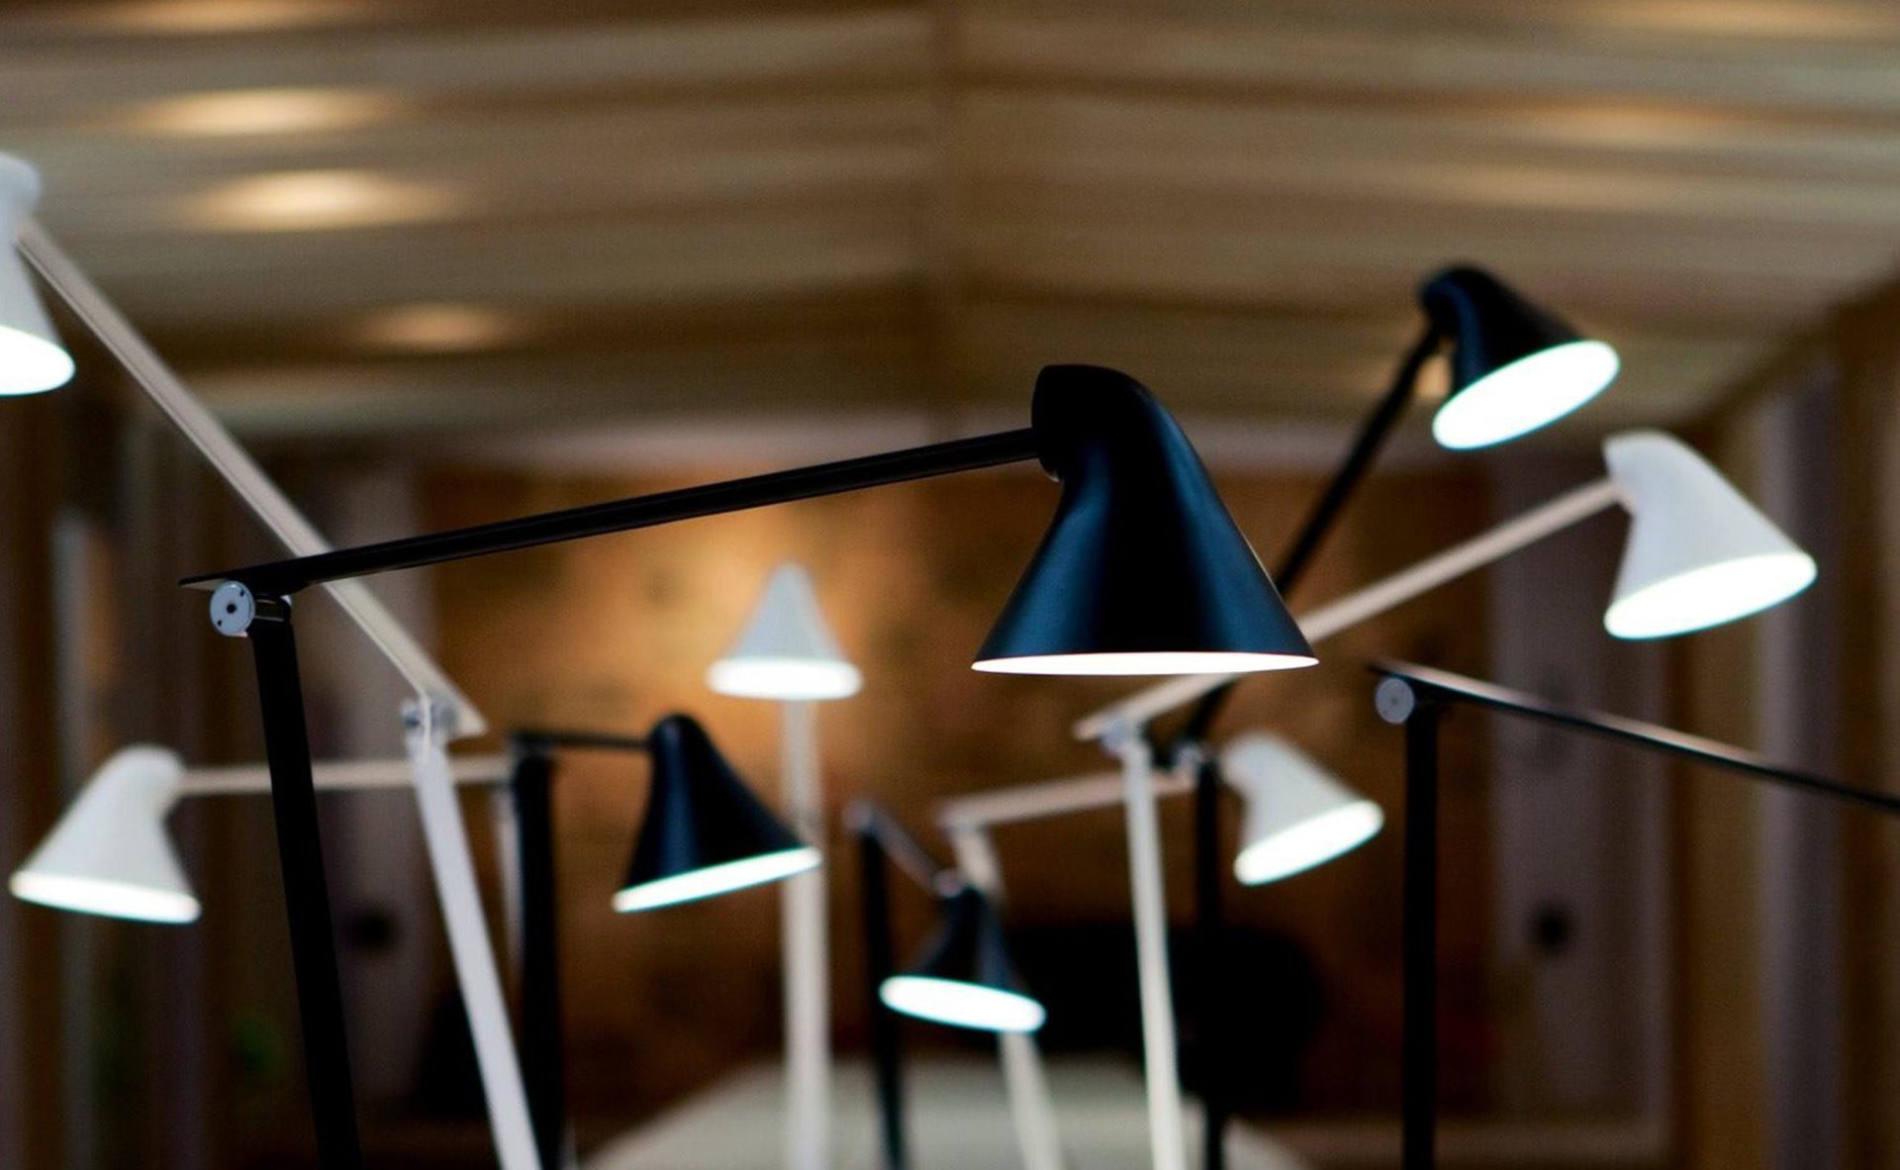 LED-Tischleuchte (Louis Poulsen)